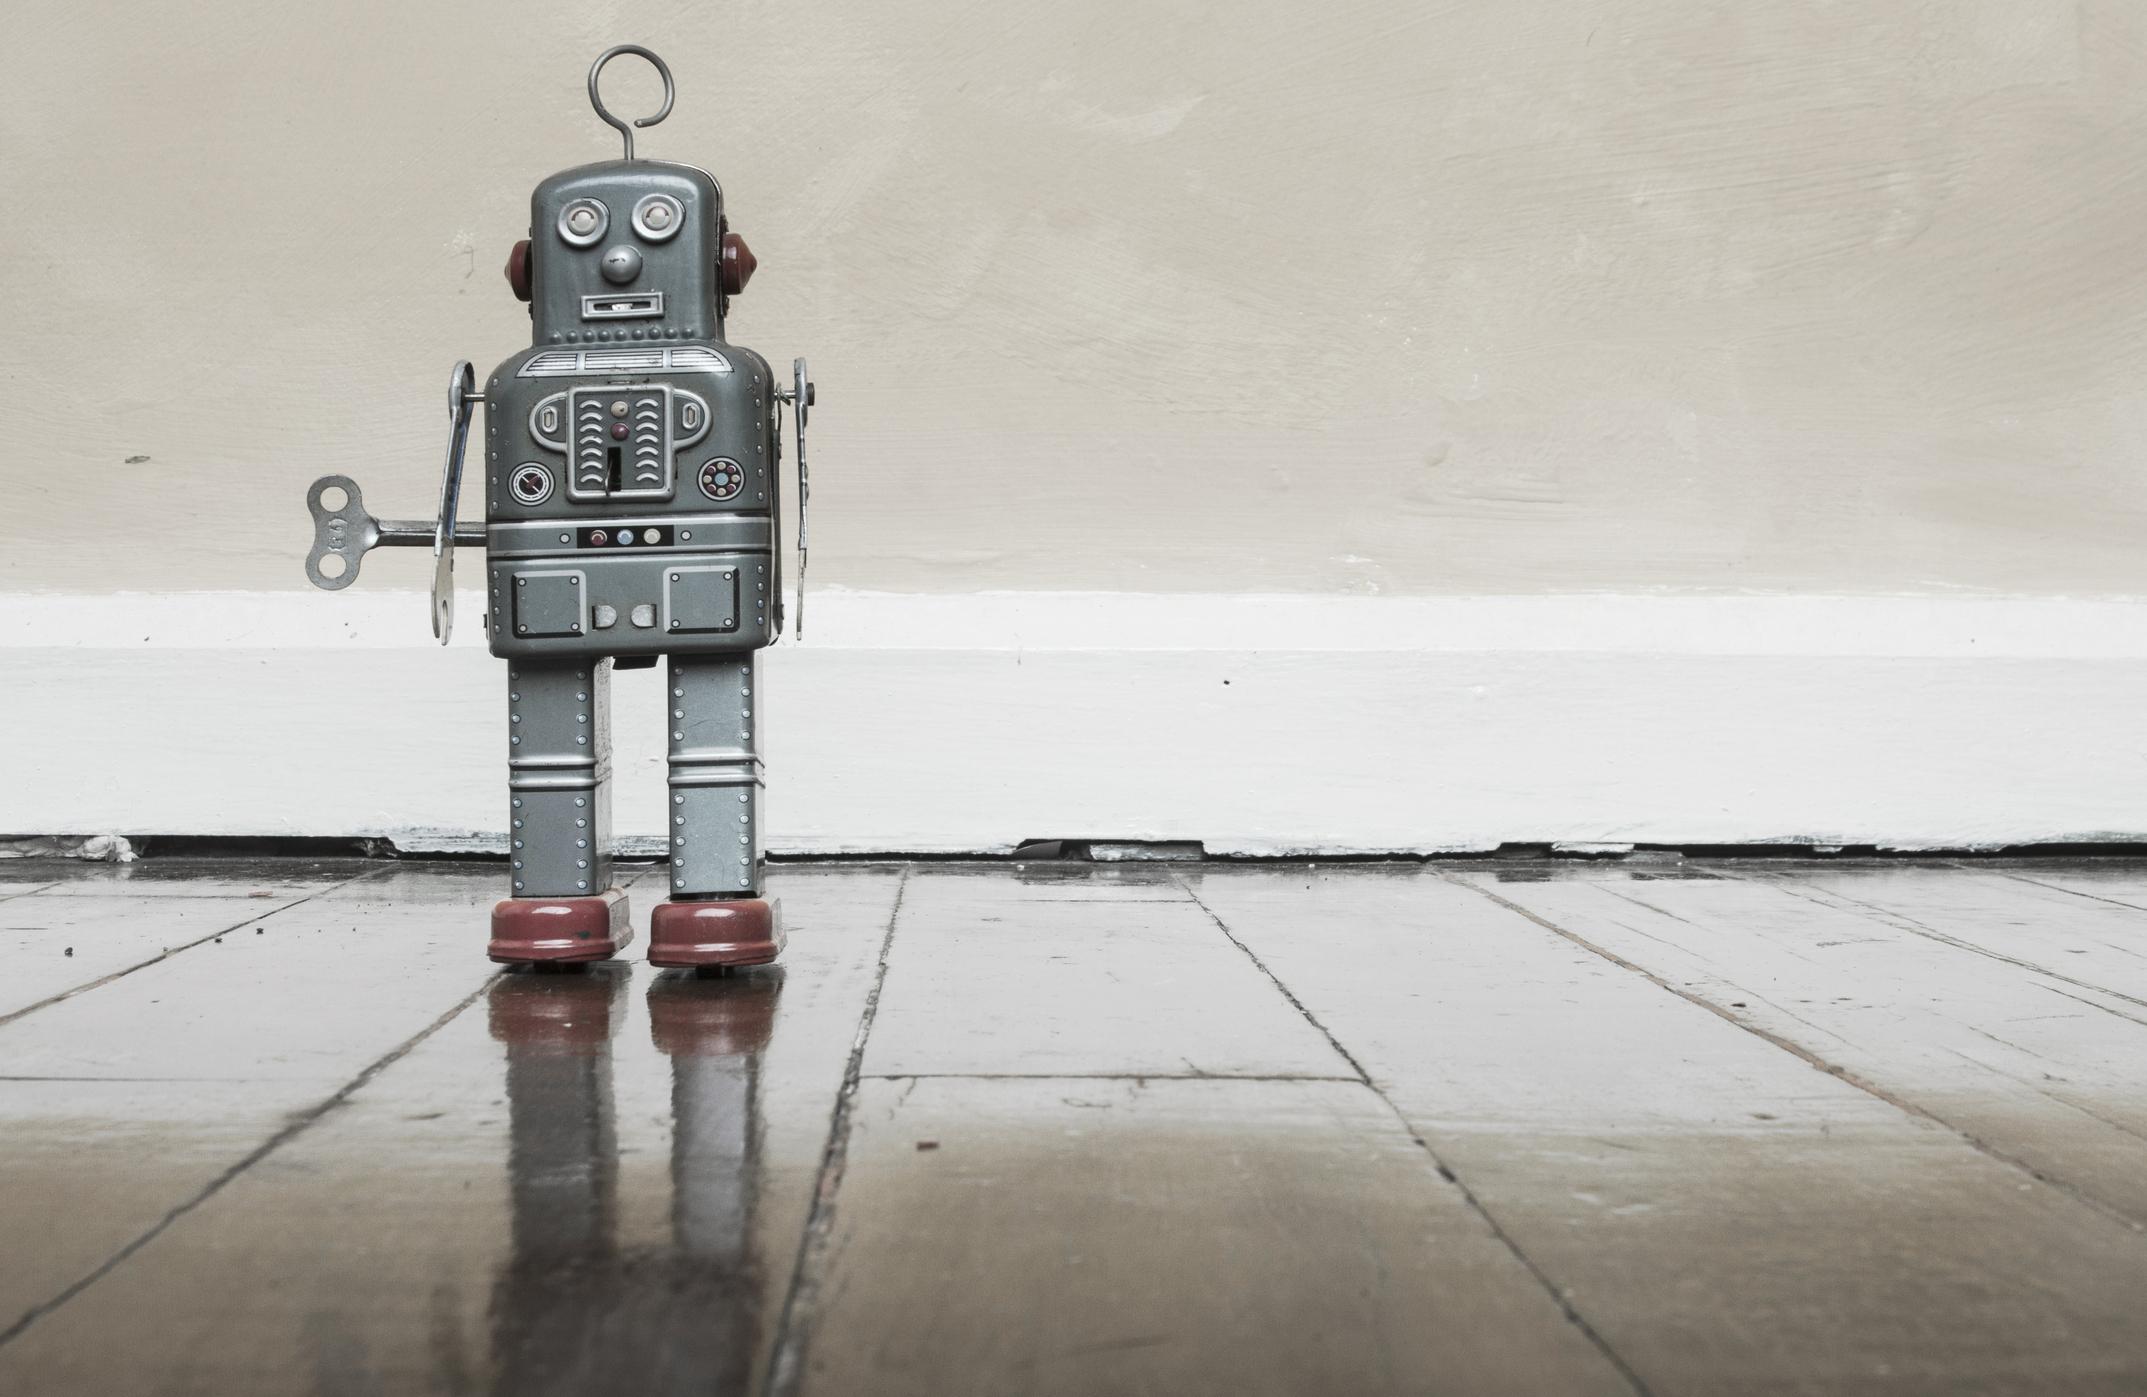 Антропоморфные роботы перестали быть похожими наконструкцию из жестяных банок— игрушку нашего детства.